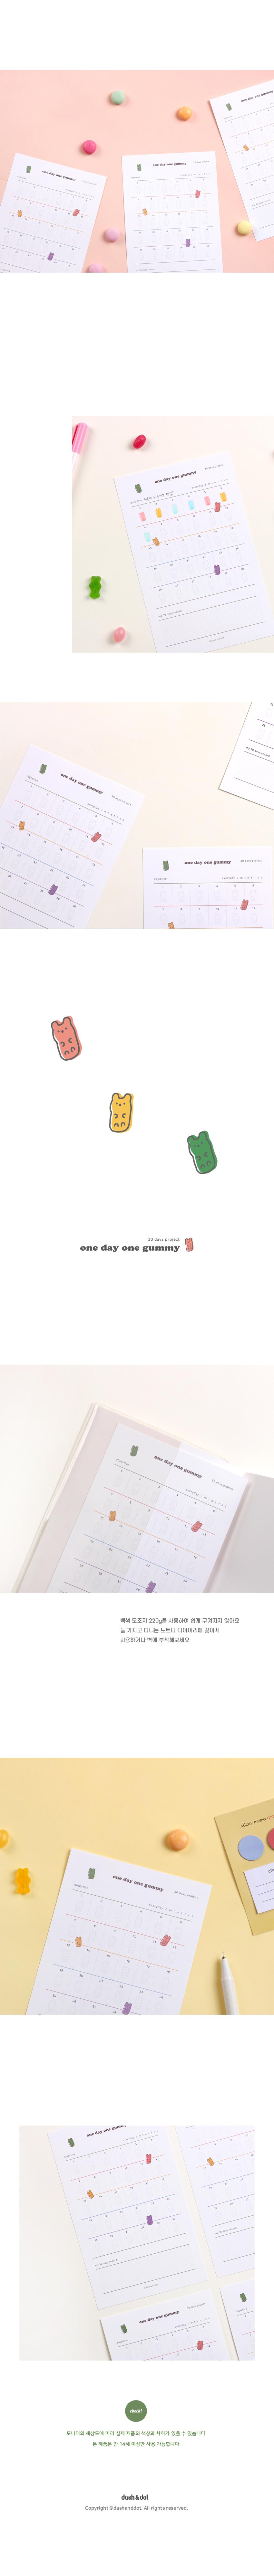 one day one gummy - 30days - 대시앤도트, 3,800원, 플래너, 데일리플래너